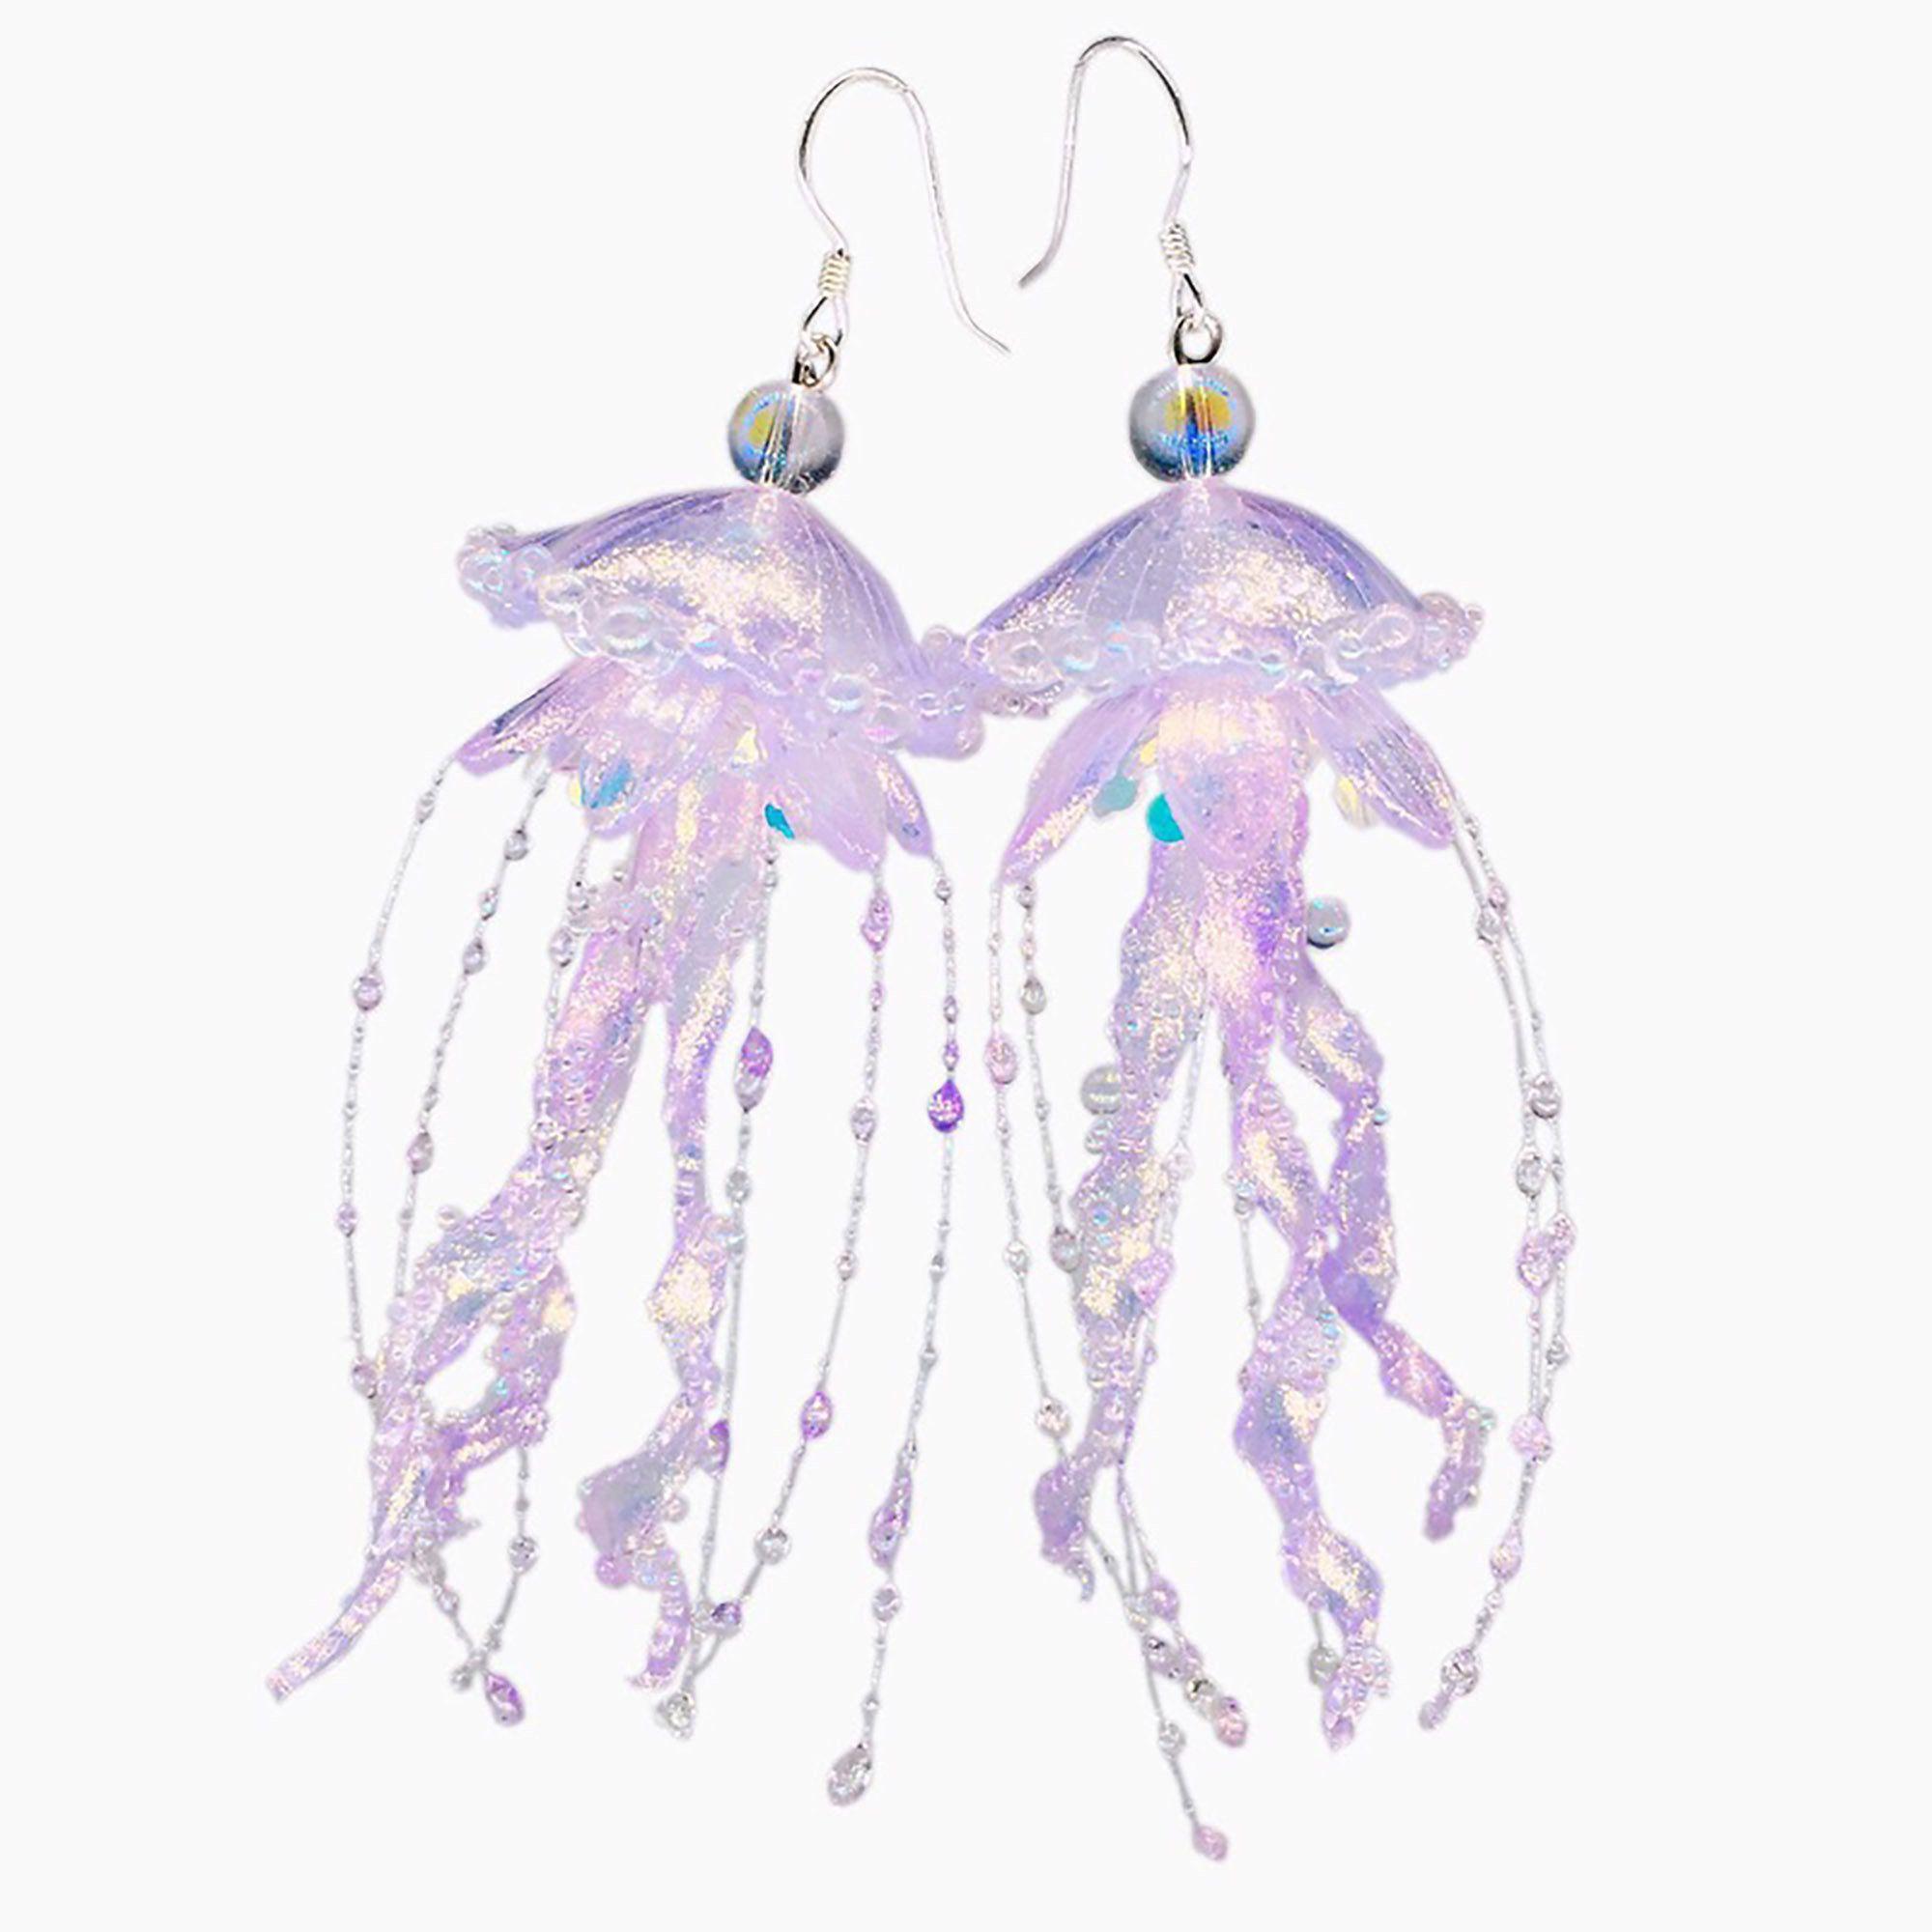 Handmade Jelly fish earrings-Ear hook or Ear Clip Jellyfish Earrings Jellyfish Earring